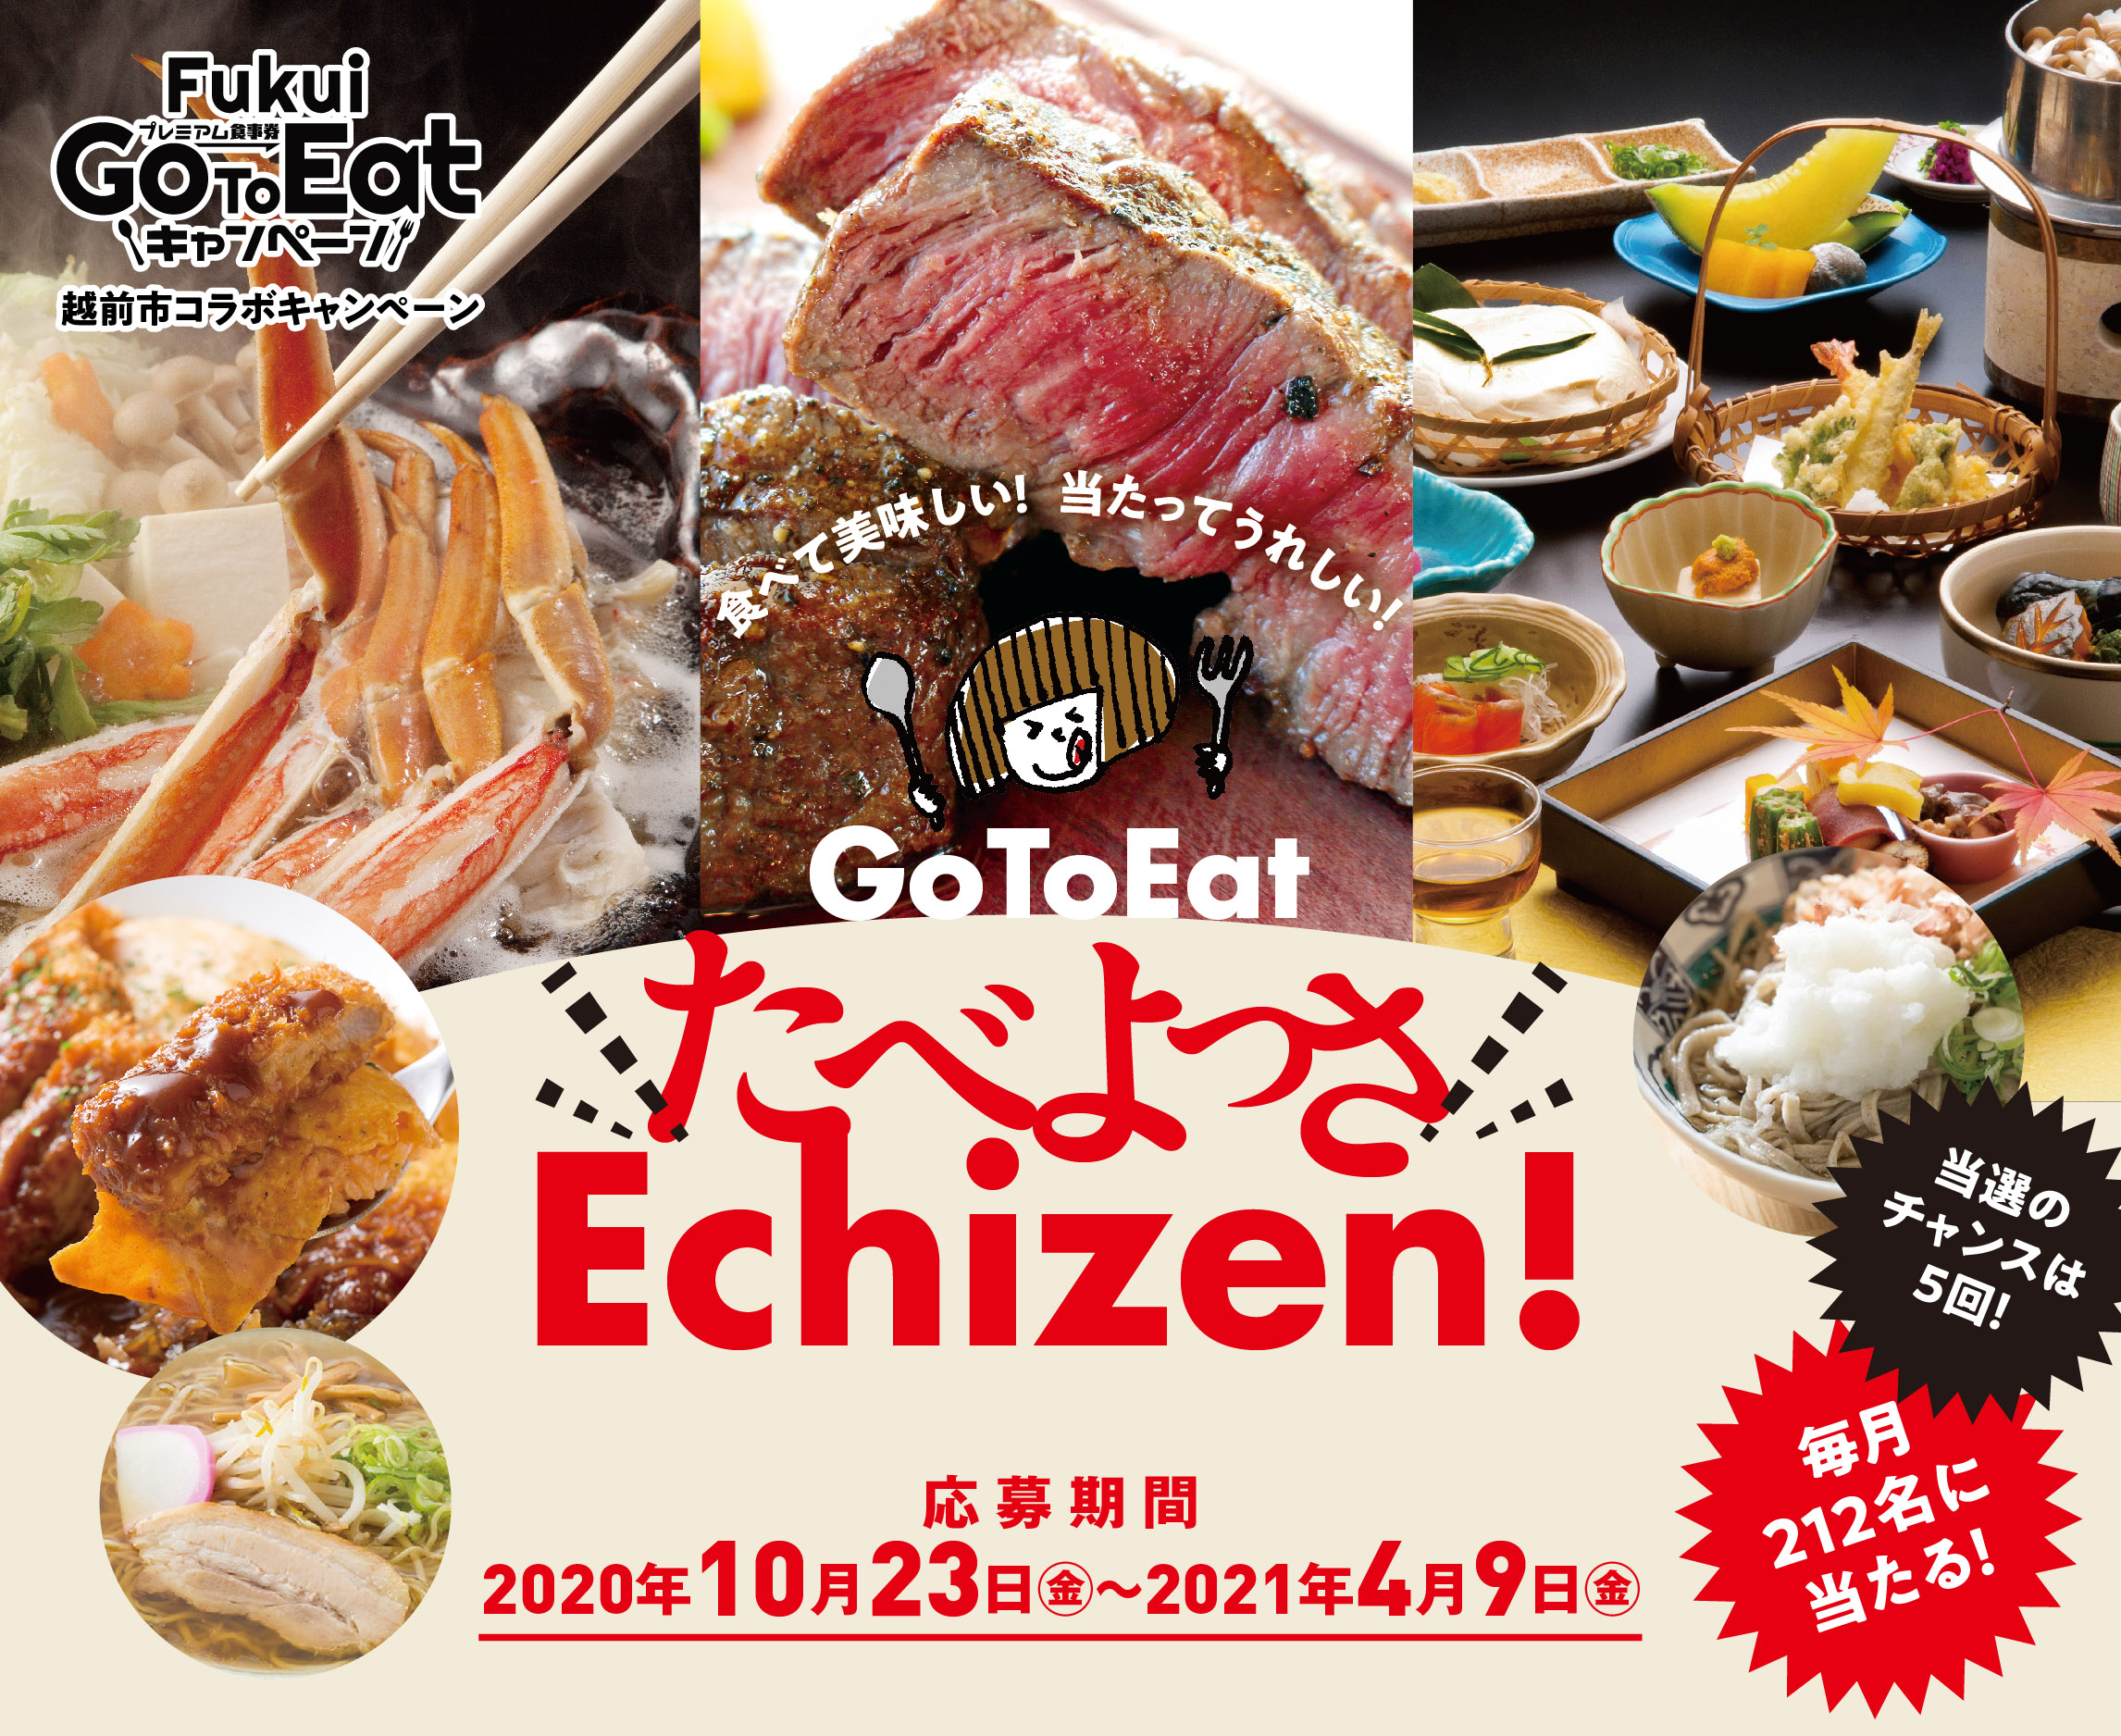 越前市で「福井県プレミアム食事券」を利用すると⁉GoToEatキャンペーンコラボ企画開催!